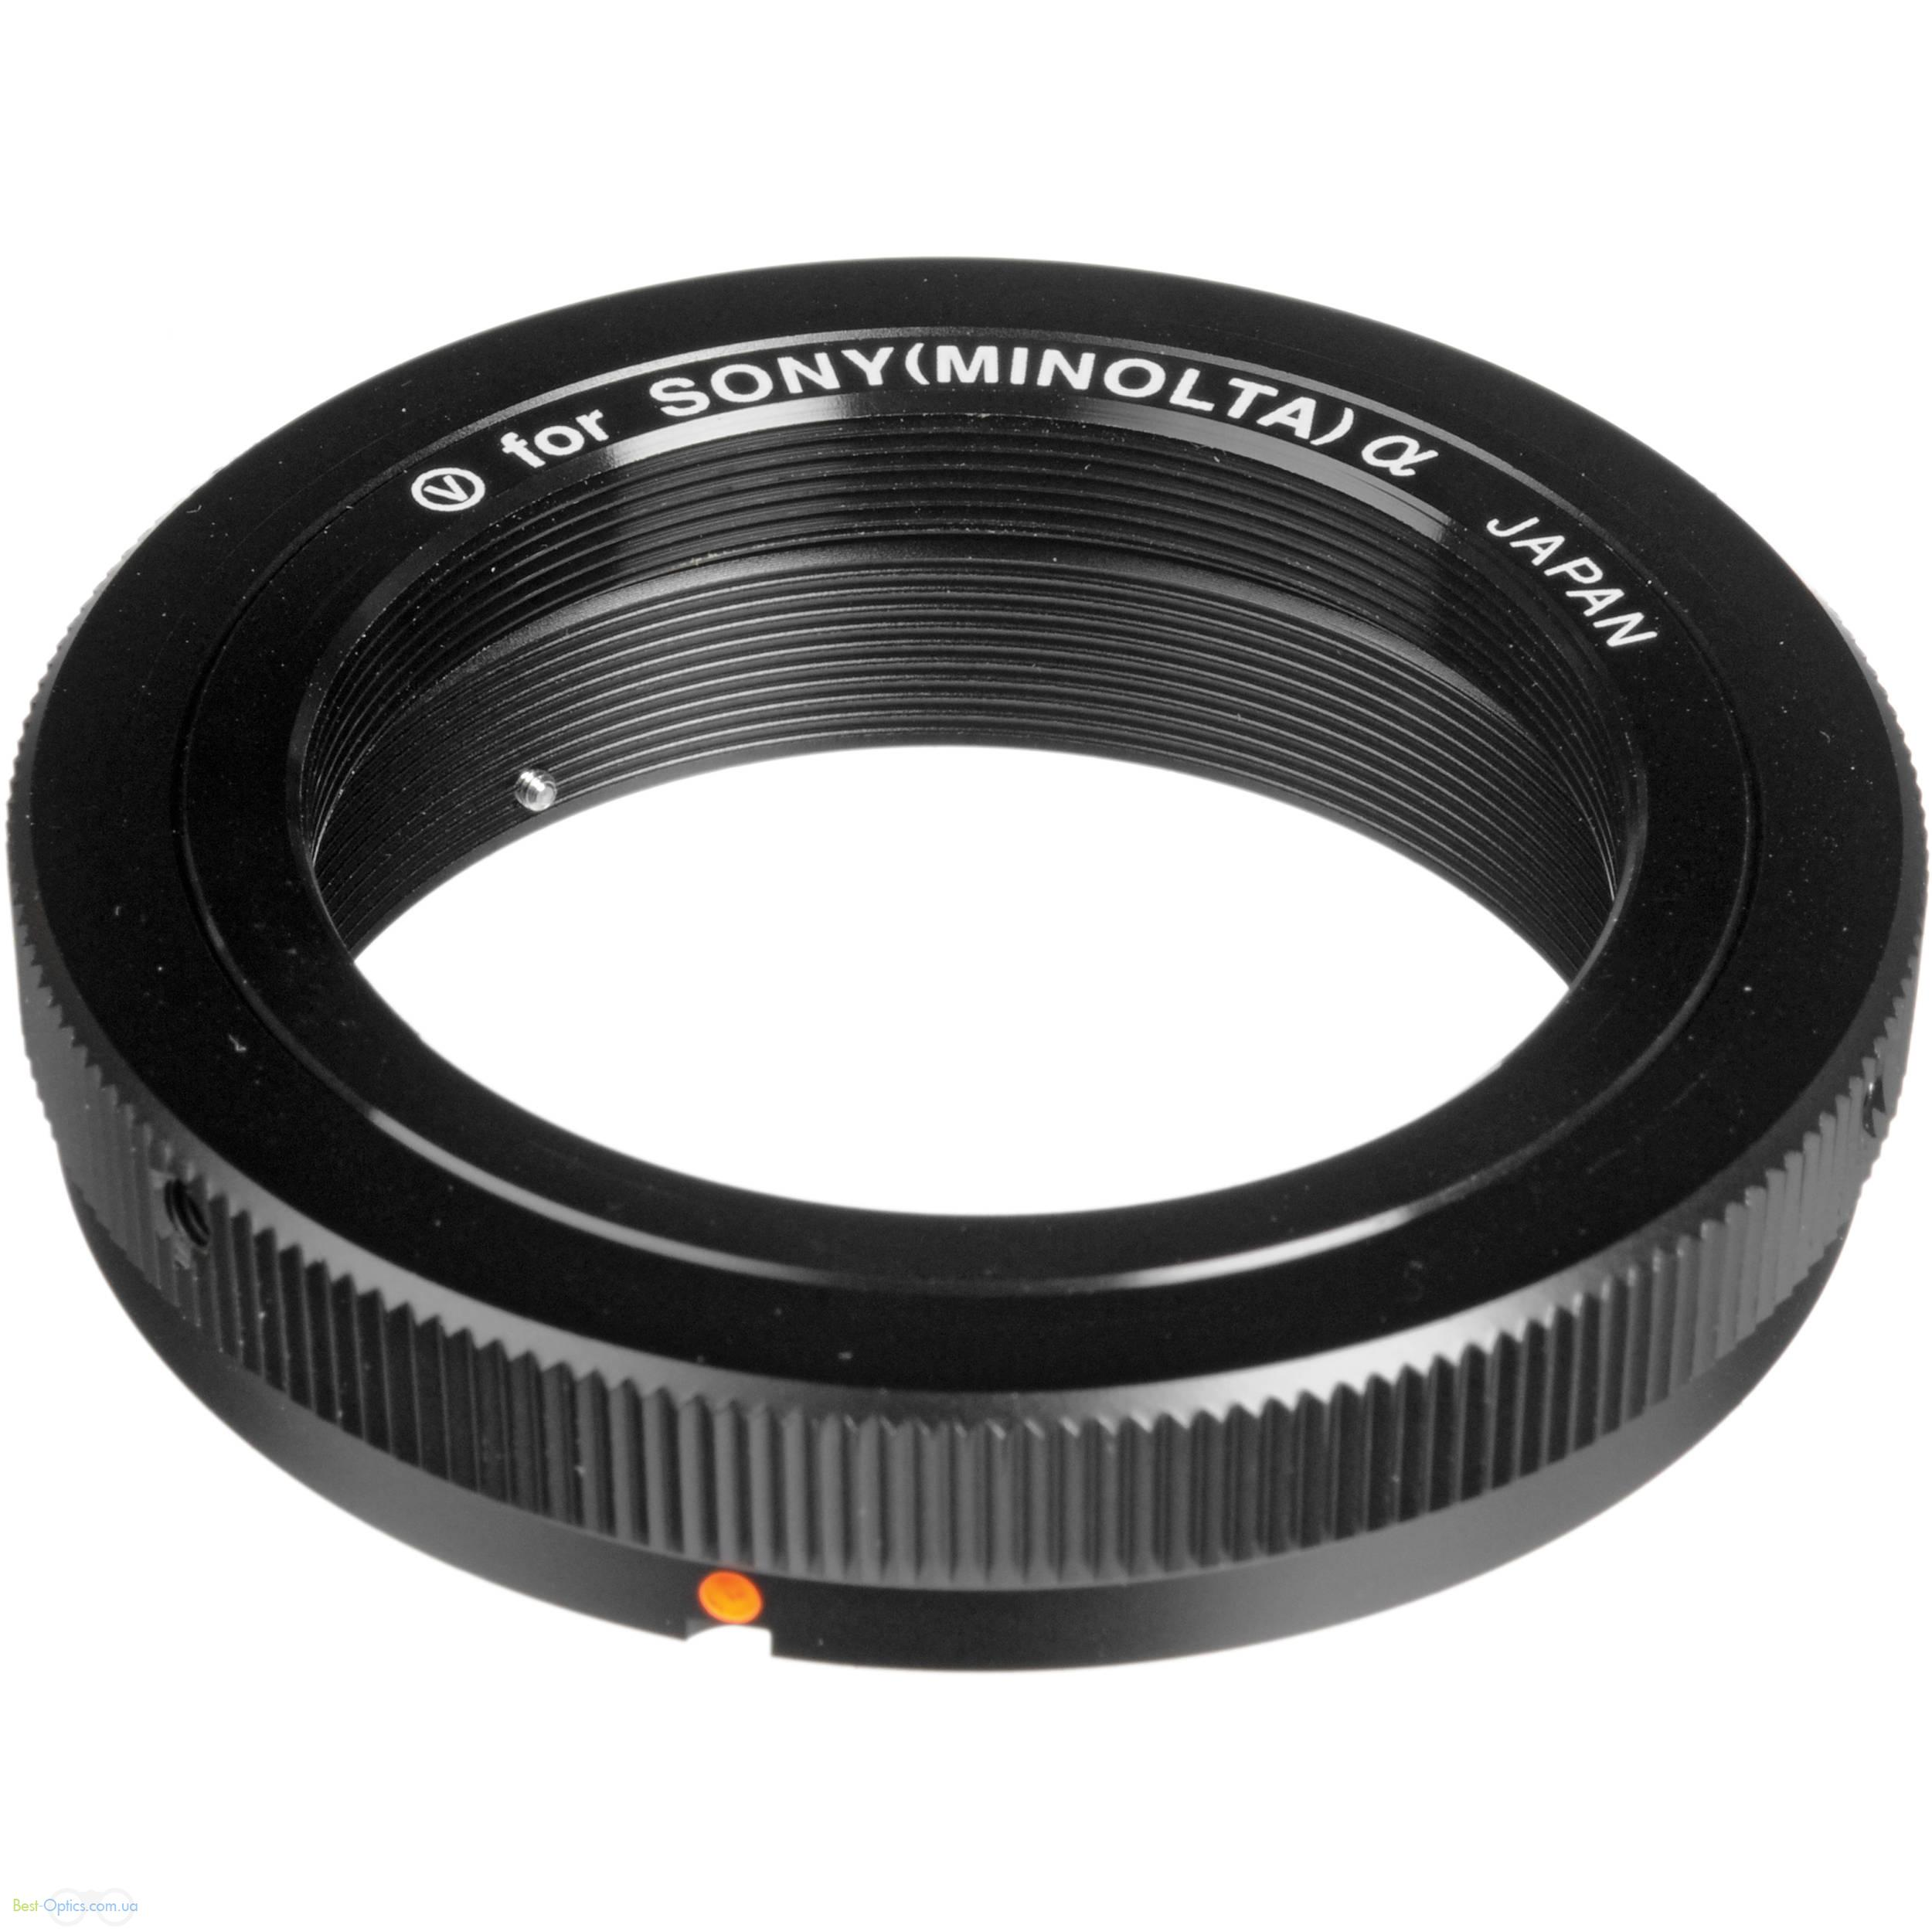 Байонетное кольцо Т Vixen для Sony Alpha